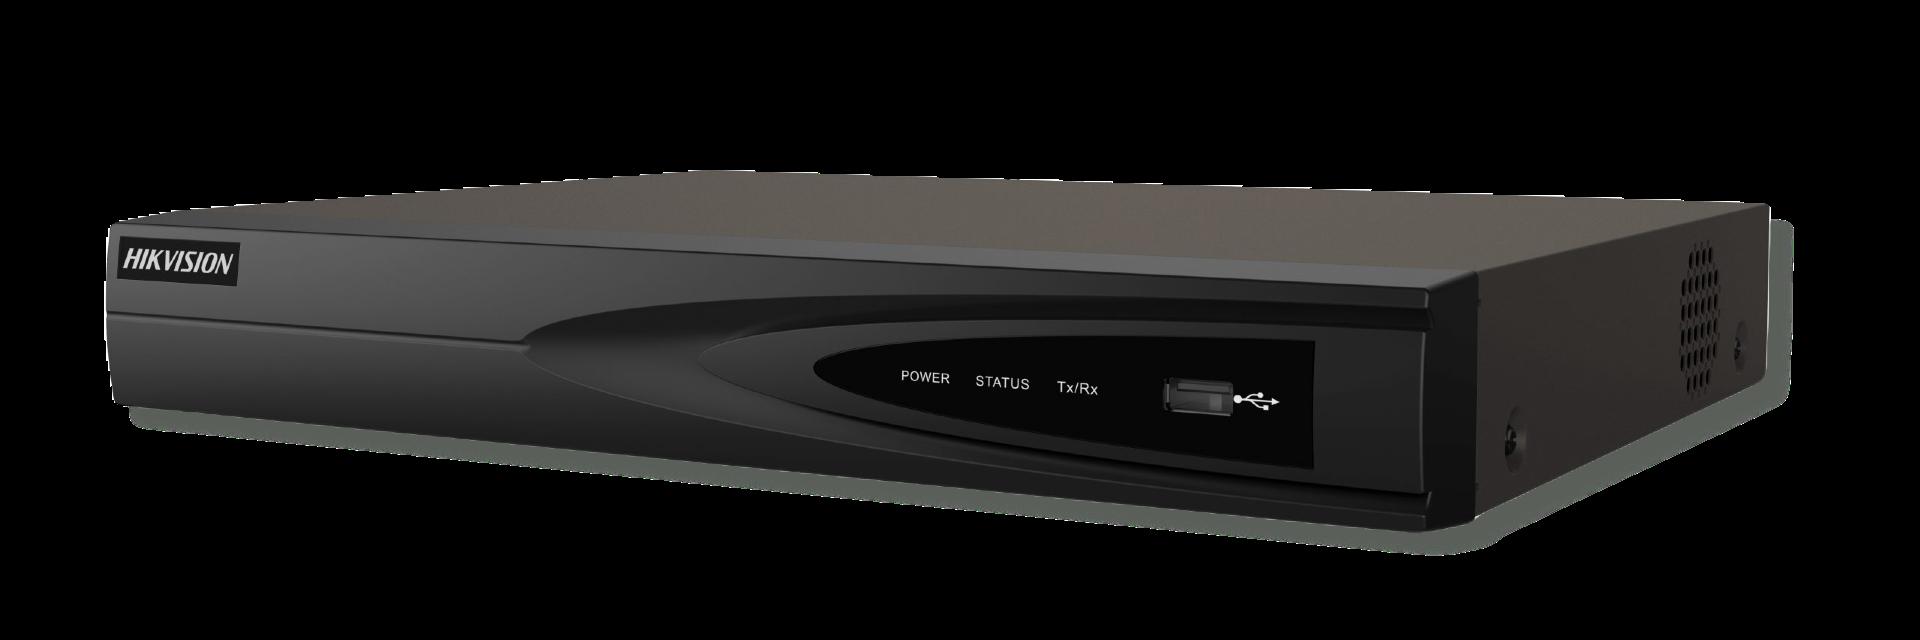 Esta grabadora / NVR tiene: - 4 canales - 4 puertos POE - 1 conexión Sata para discos duros de 3,5 pulgadas de hasta 6 TB - Compatibilidad con H.265 - Aplicación Hik-Connect descargable - Conexión HDMI